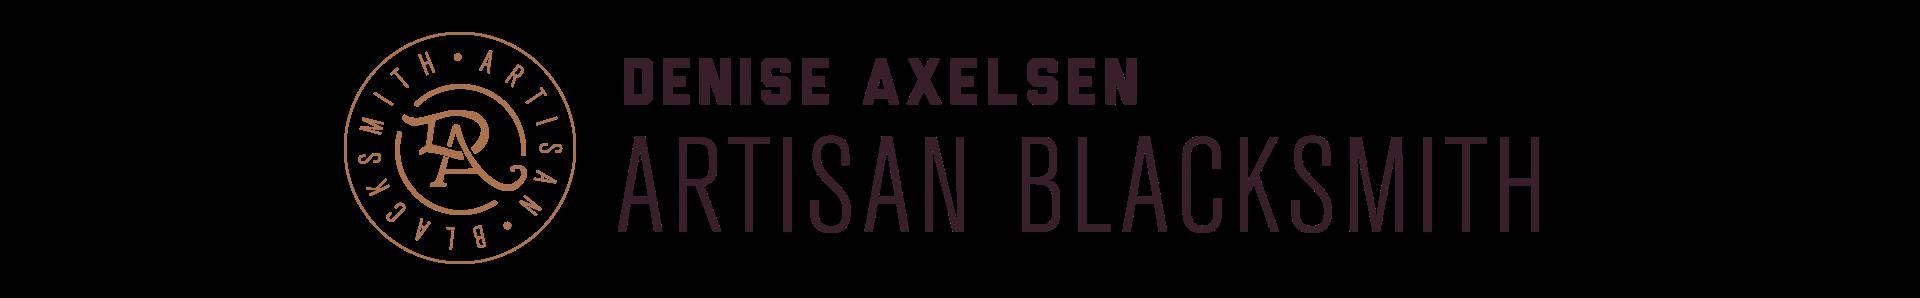 Denise Axelsen Artisan Blacksmith